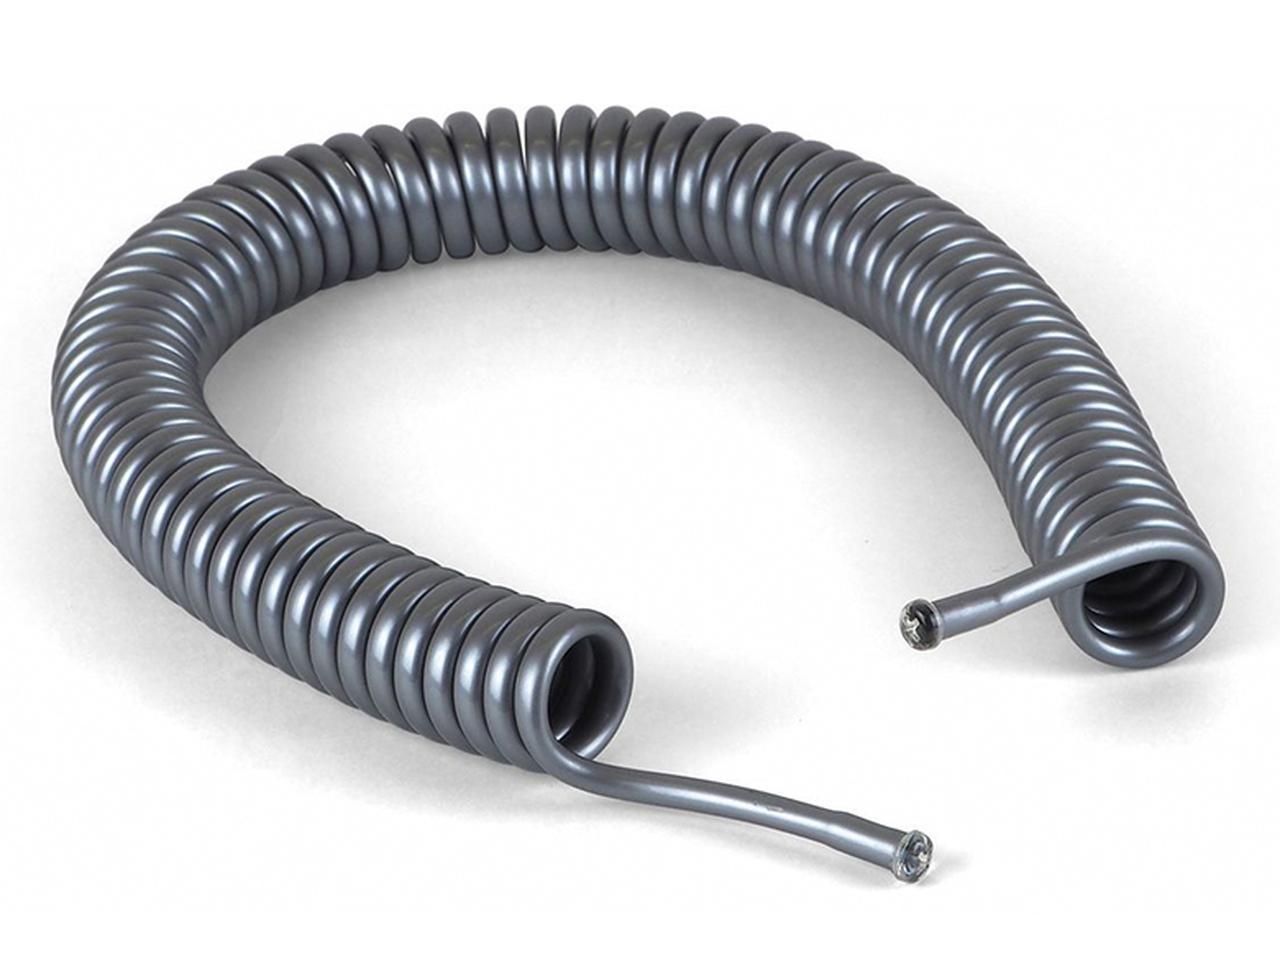 画像: ケーブルを床の振動から守るホルダー。螺旋状のチューブに特殊ダンピング溶液(餅のように粘性を持った液体)を封入。